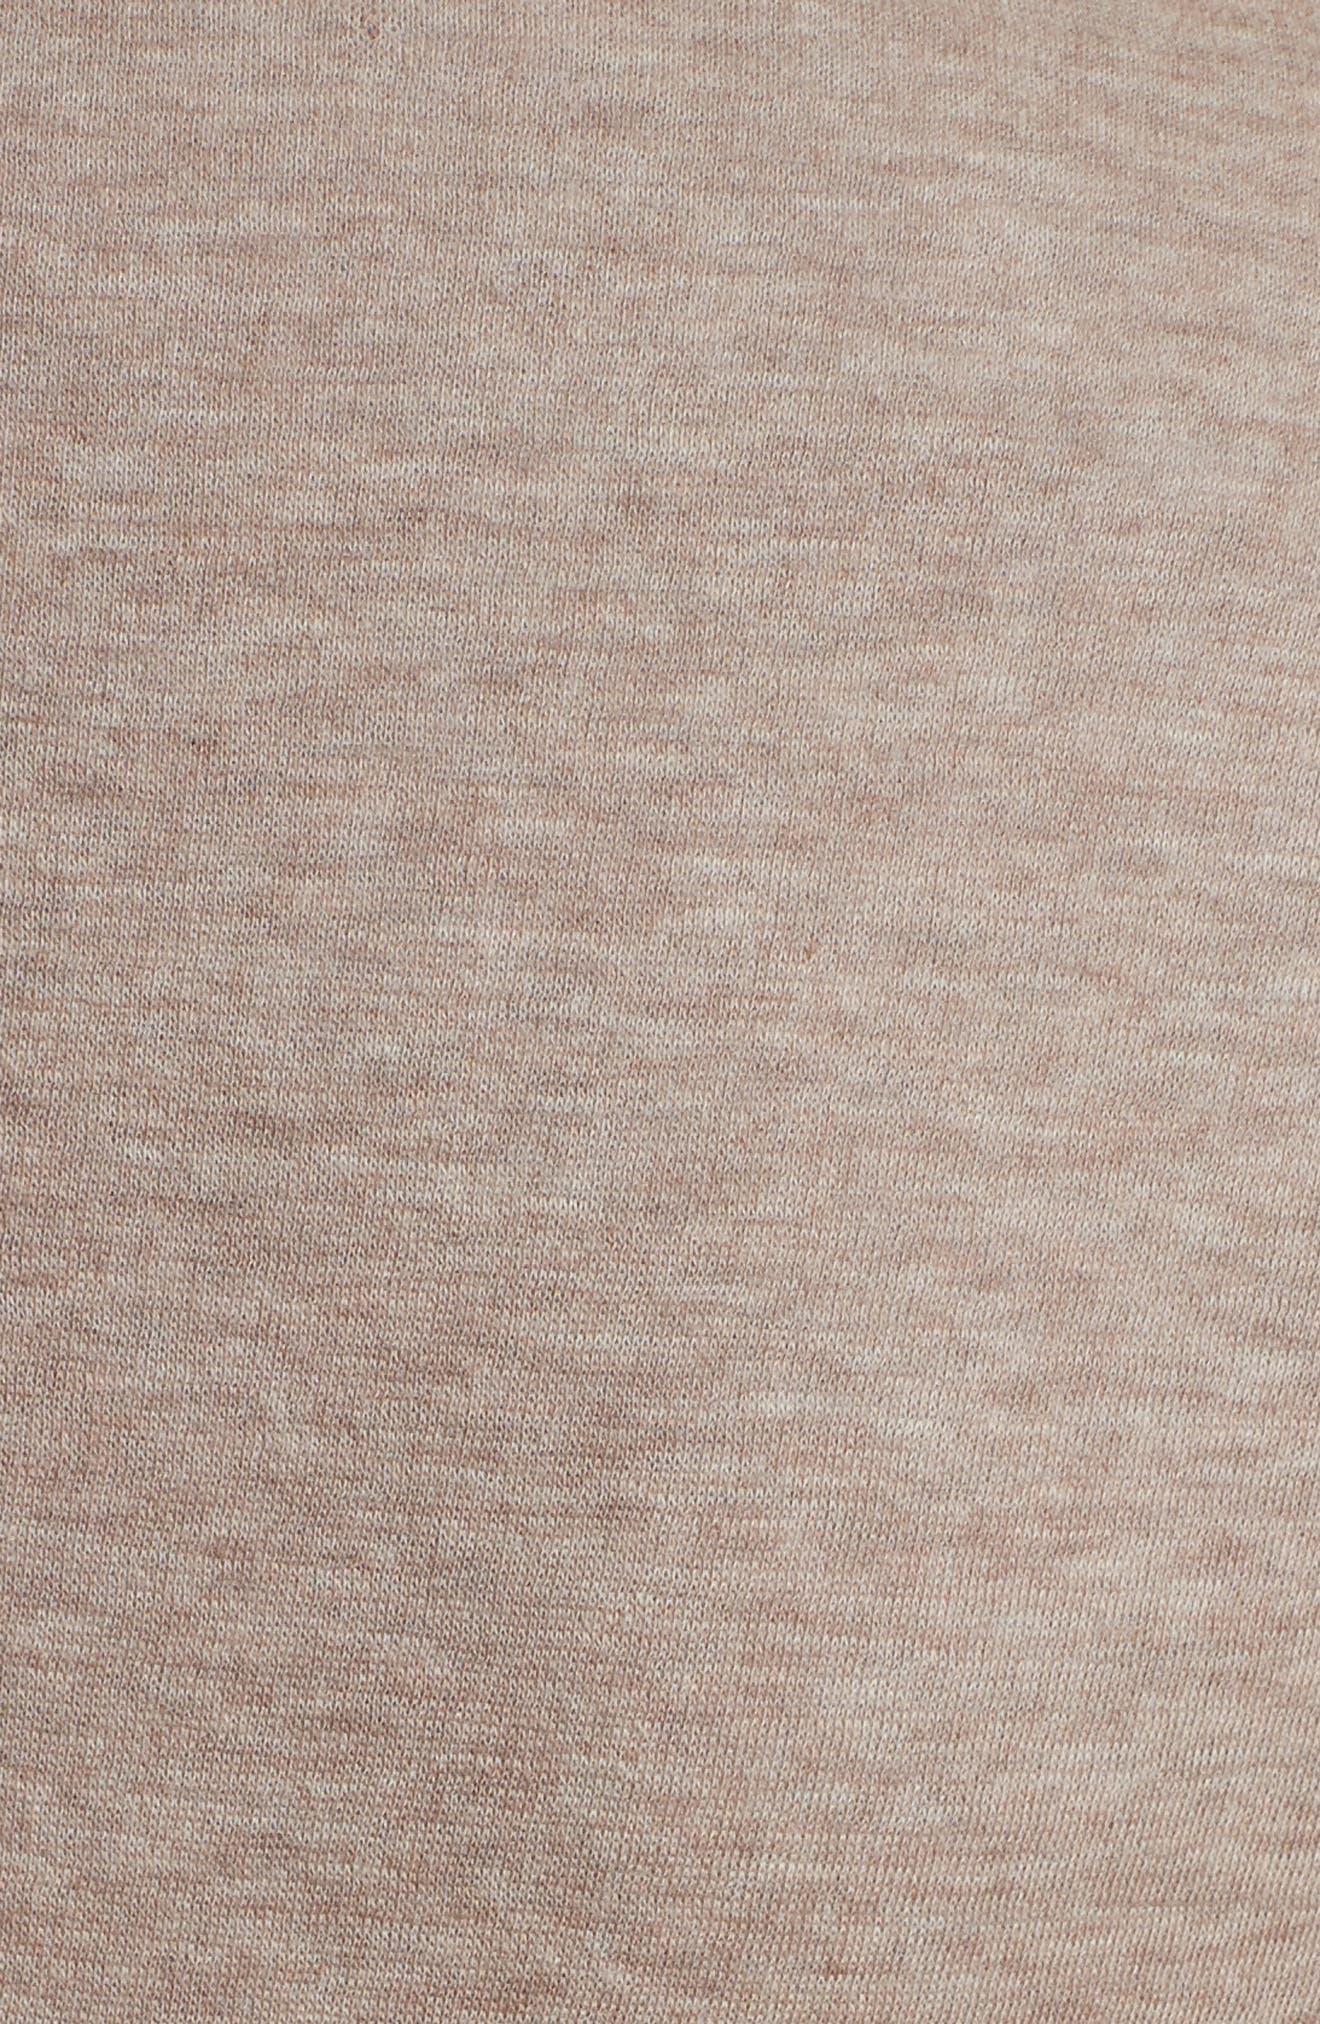 One-Button Cotton & Cashmere Blazer,                             Alternate thumbnail 5, color,                             Beige/ Grey